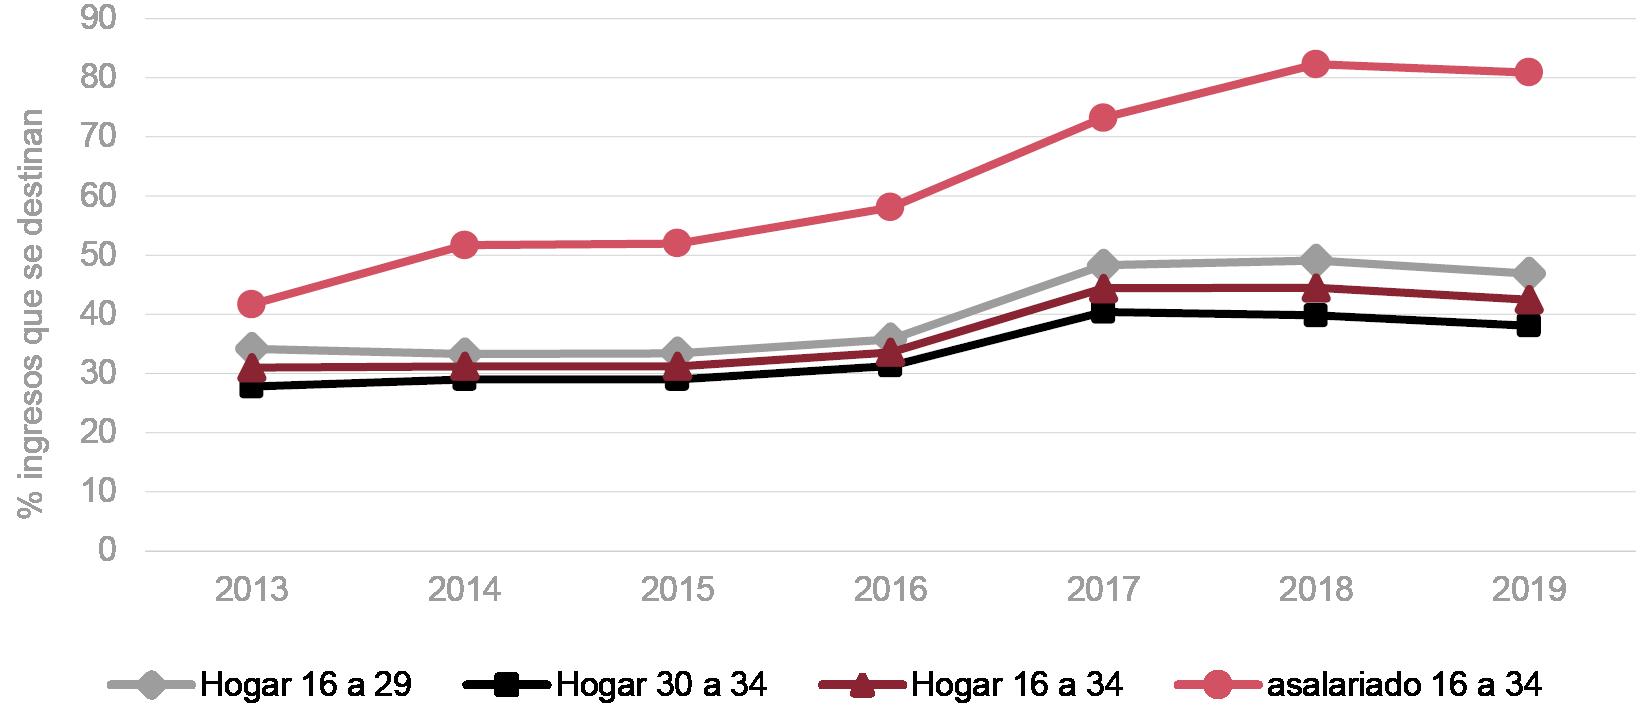 Fig. 2/ Evolución del Coste de acceso en alquiler para hogares jóvenes según grupos de edad y para joven asalariado de 16 a 34. España, 2013-2019 (% de ingresos del hogar que se destina al pago de la renta mensual).